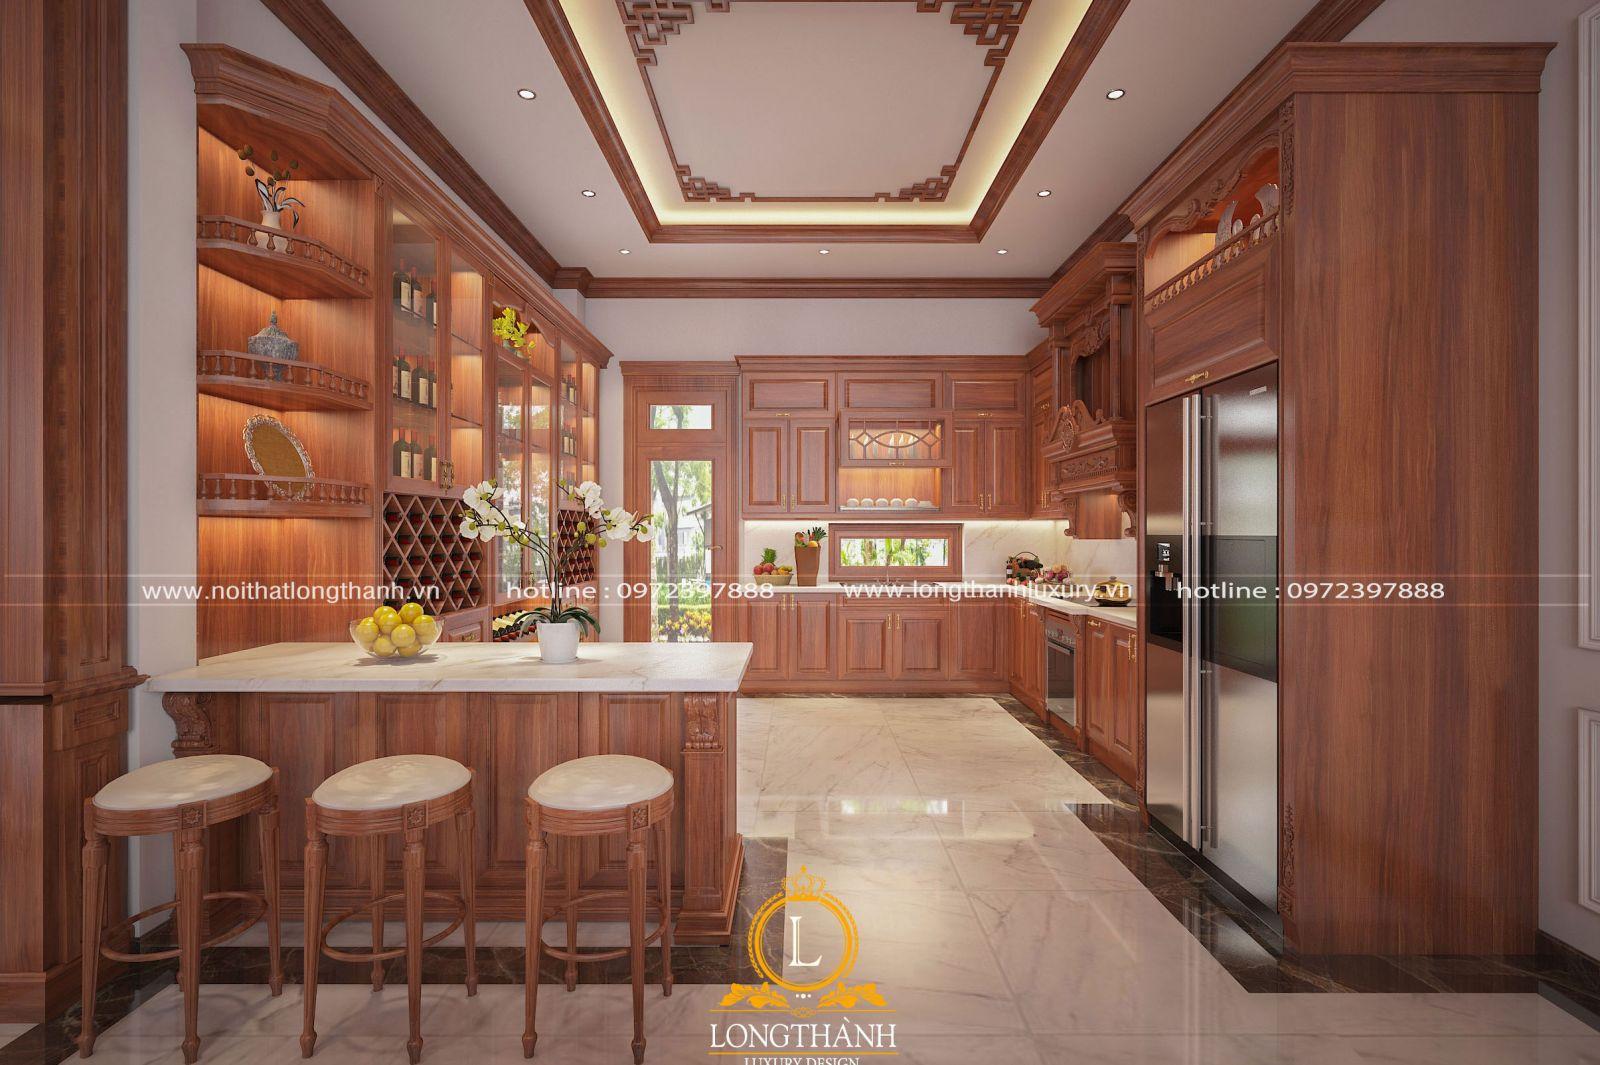 Bộ tủ bếp gỗ Gõ tiện nghi, ấn tượng từ gỗ Gõ đỏ